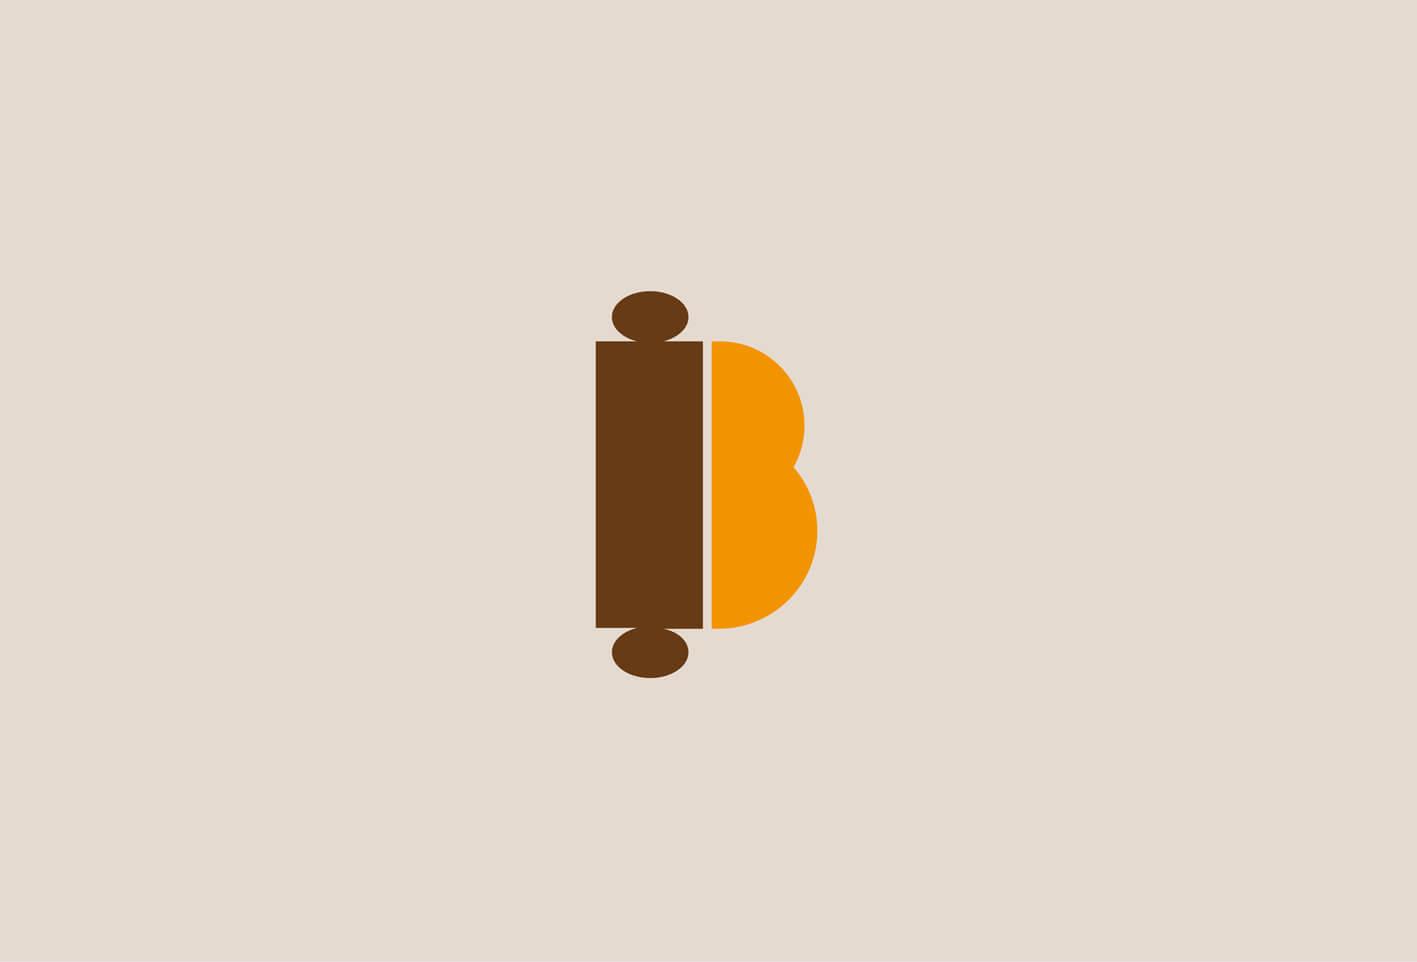 Logo, immagine, identità visiva e altro per la tua attività.